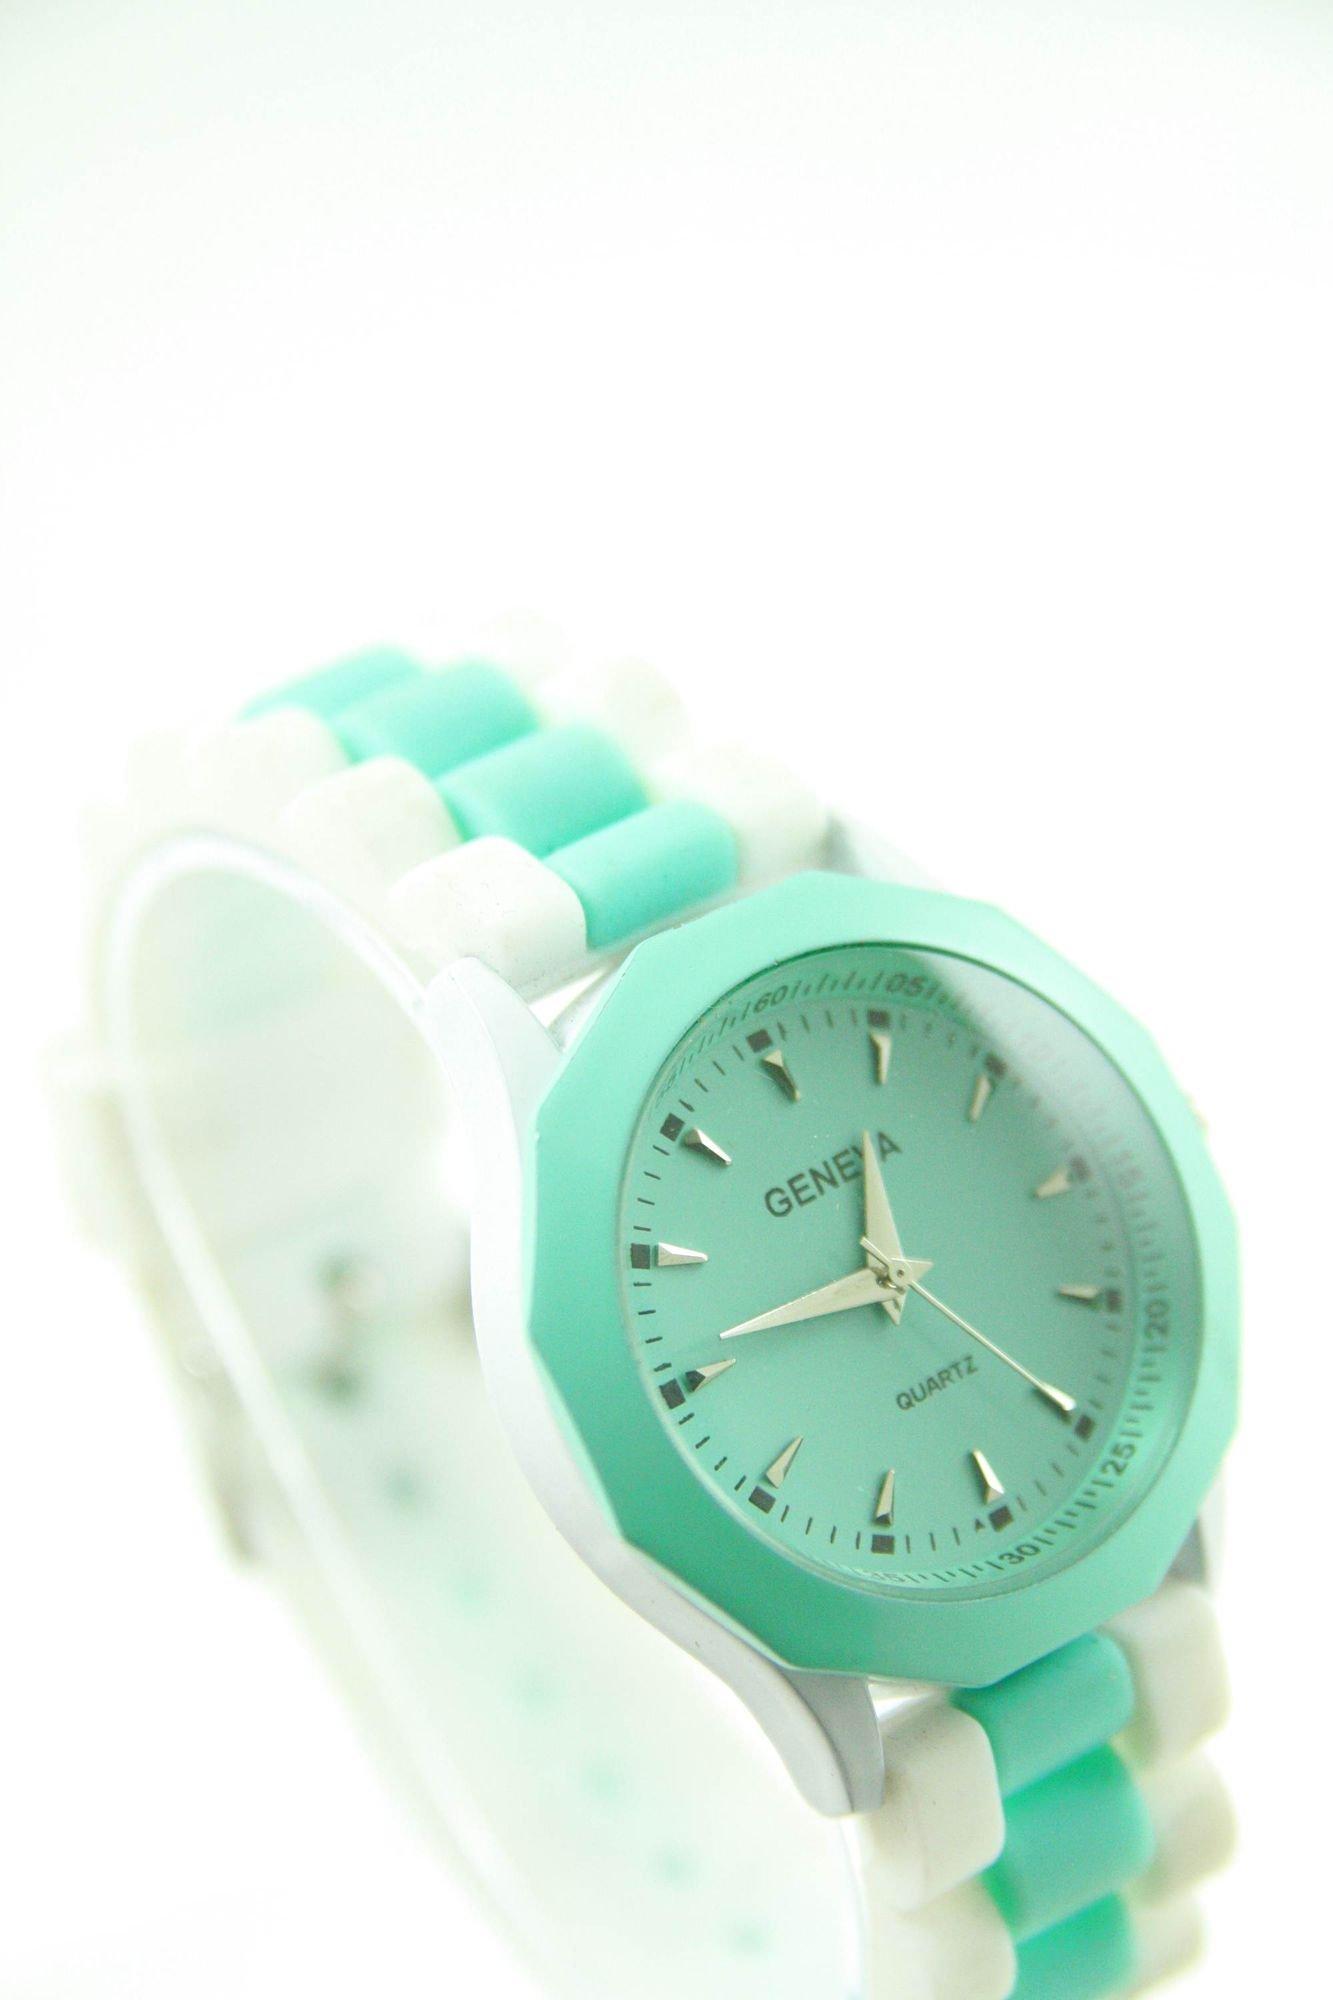 GENEVA Miętowo-biały zegarek damski na silikonowym pasku                                  zdj.                                  2